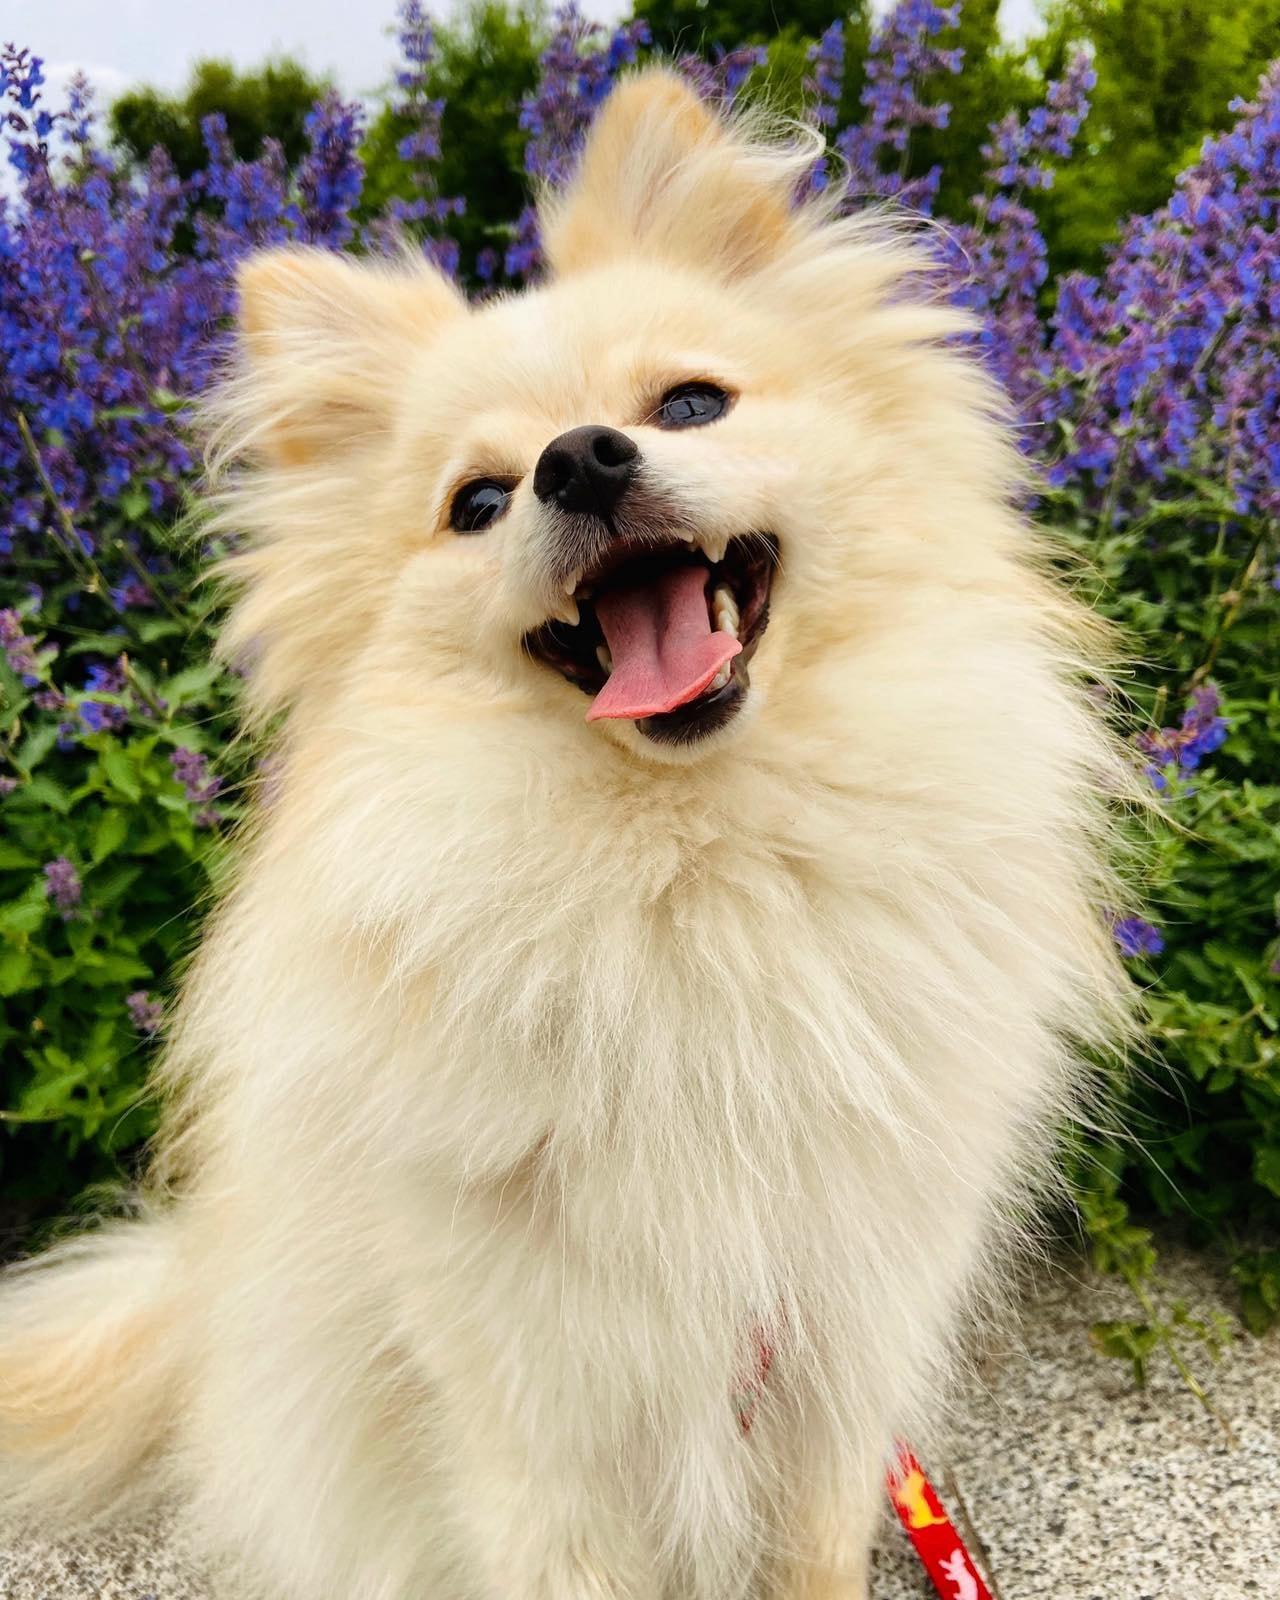 В Днепре пропал шпиц / фото: fb База потерянных и найденных домашних животных ДНЕПР